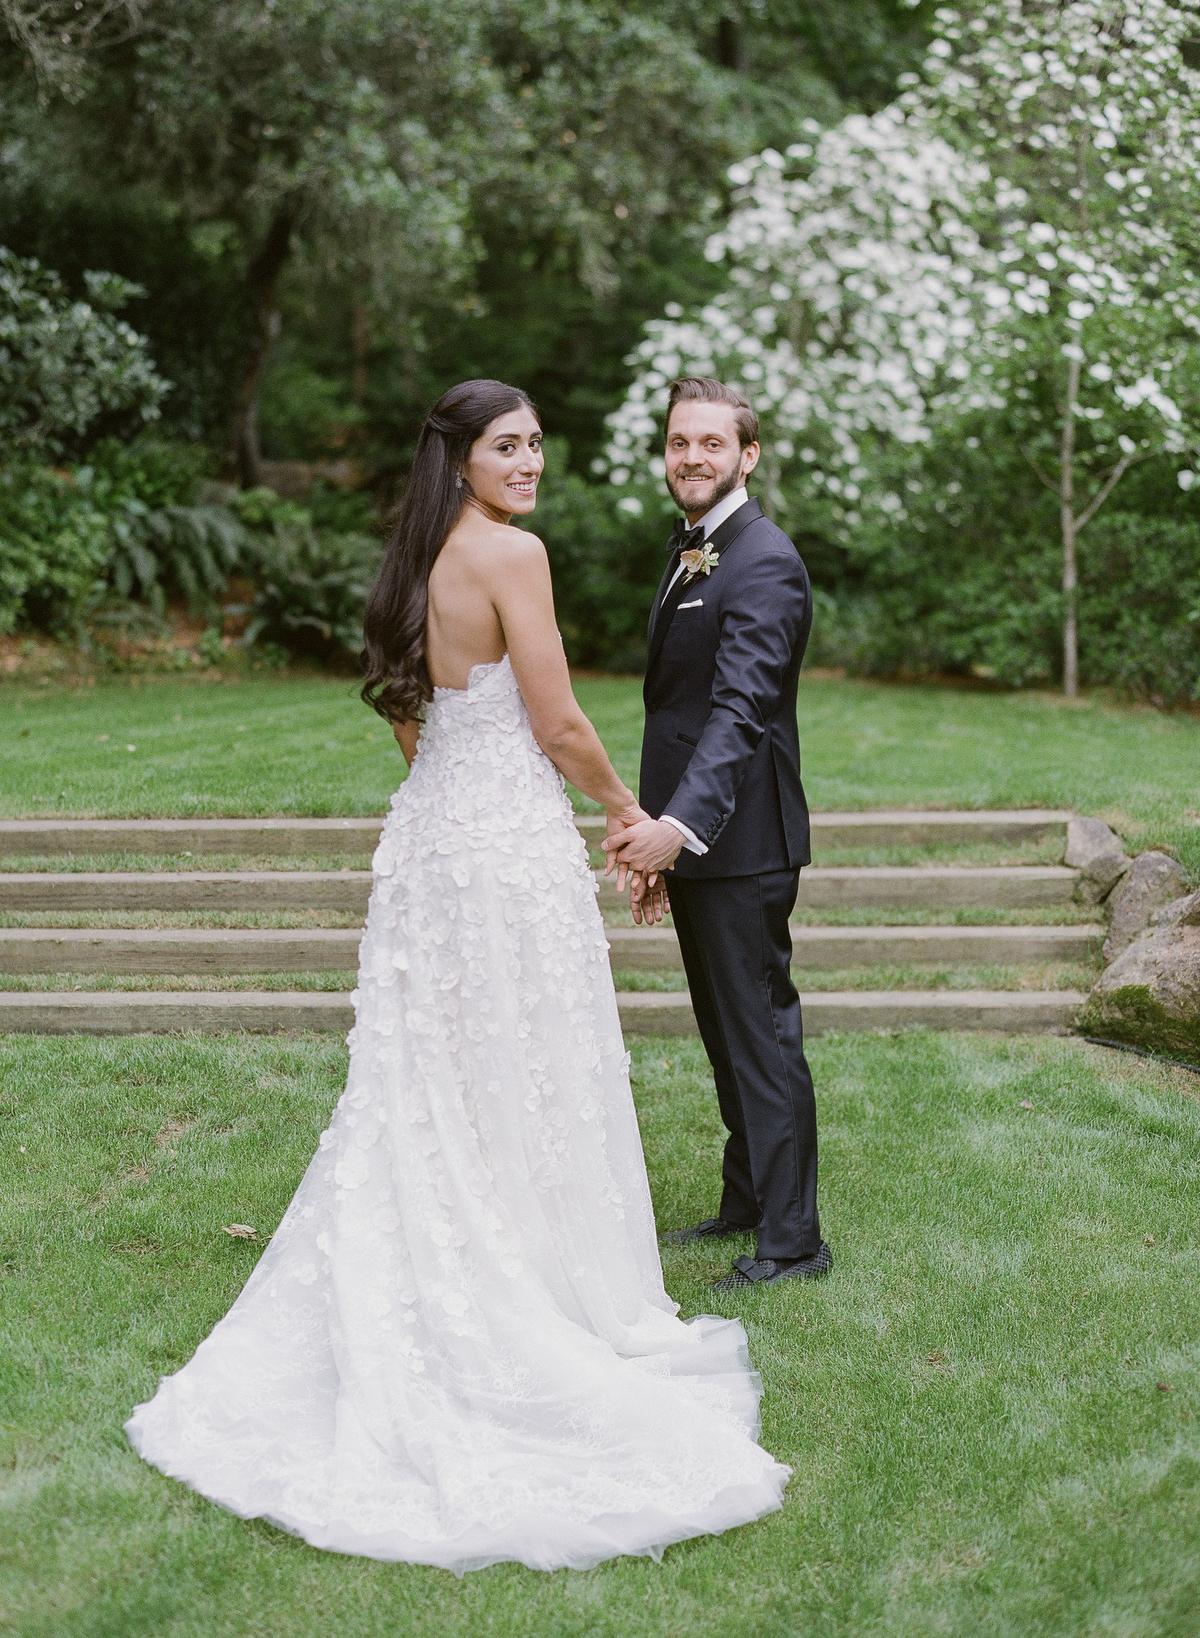 nadine dan wedding couple